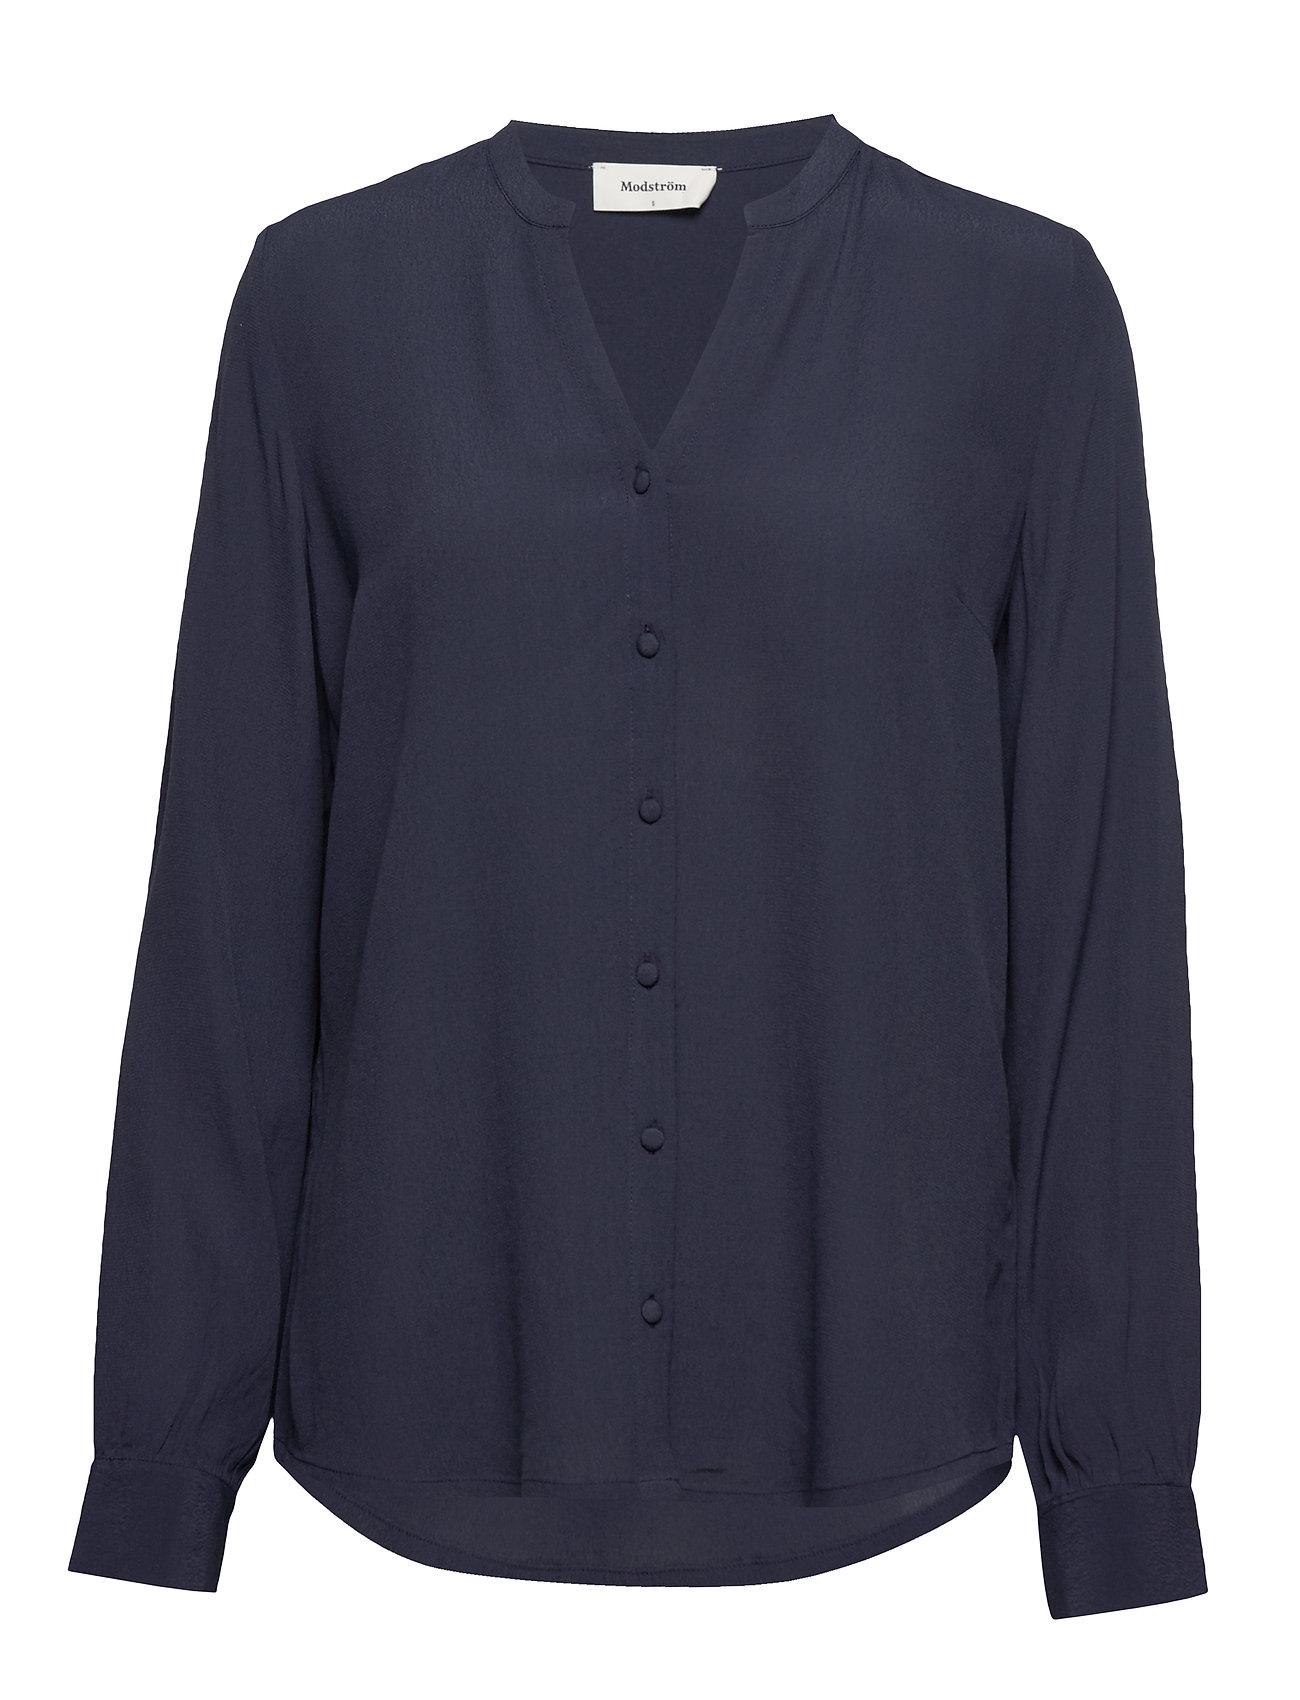 Image of Alissa Shirt Bluse Langærmet Blå Modström (3306685765)